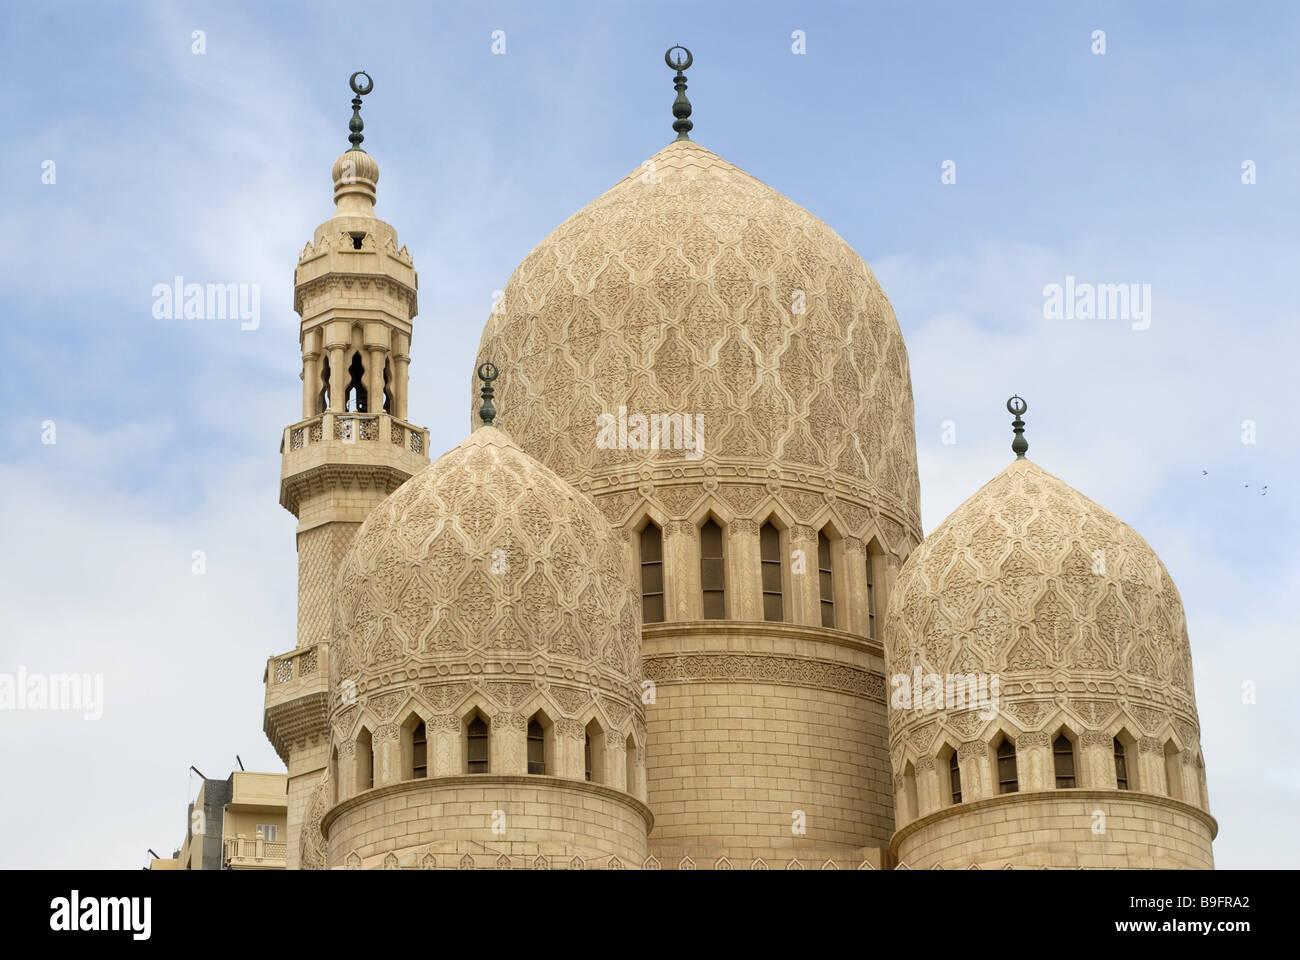 Mosque Detail: Egypt Alexandria Abu-el-Abbas-el-Mursi-mosque Detail Domes